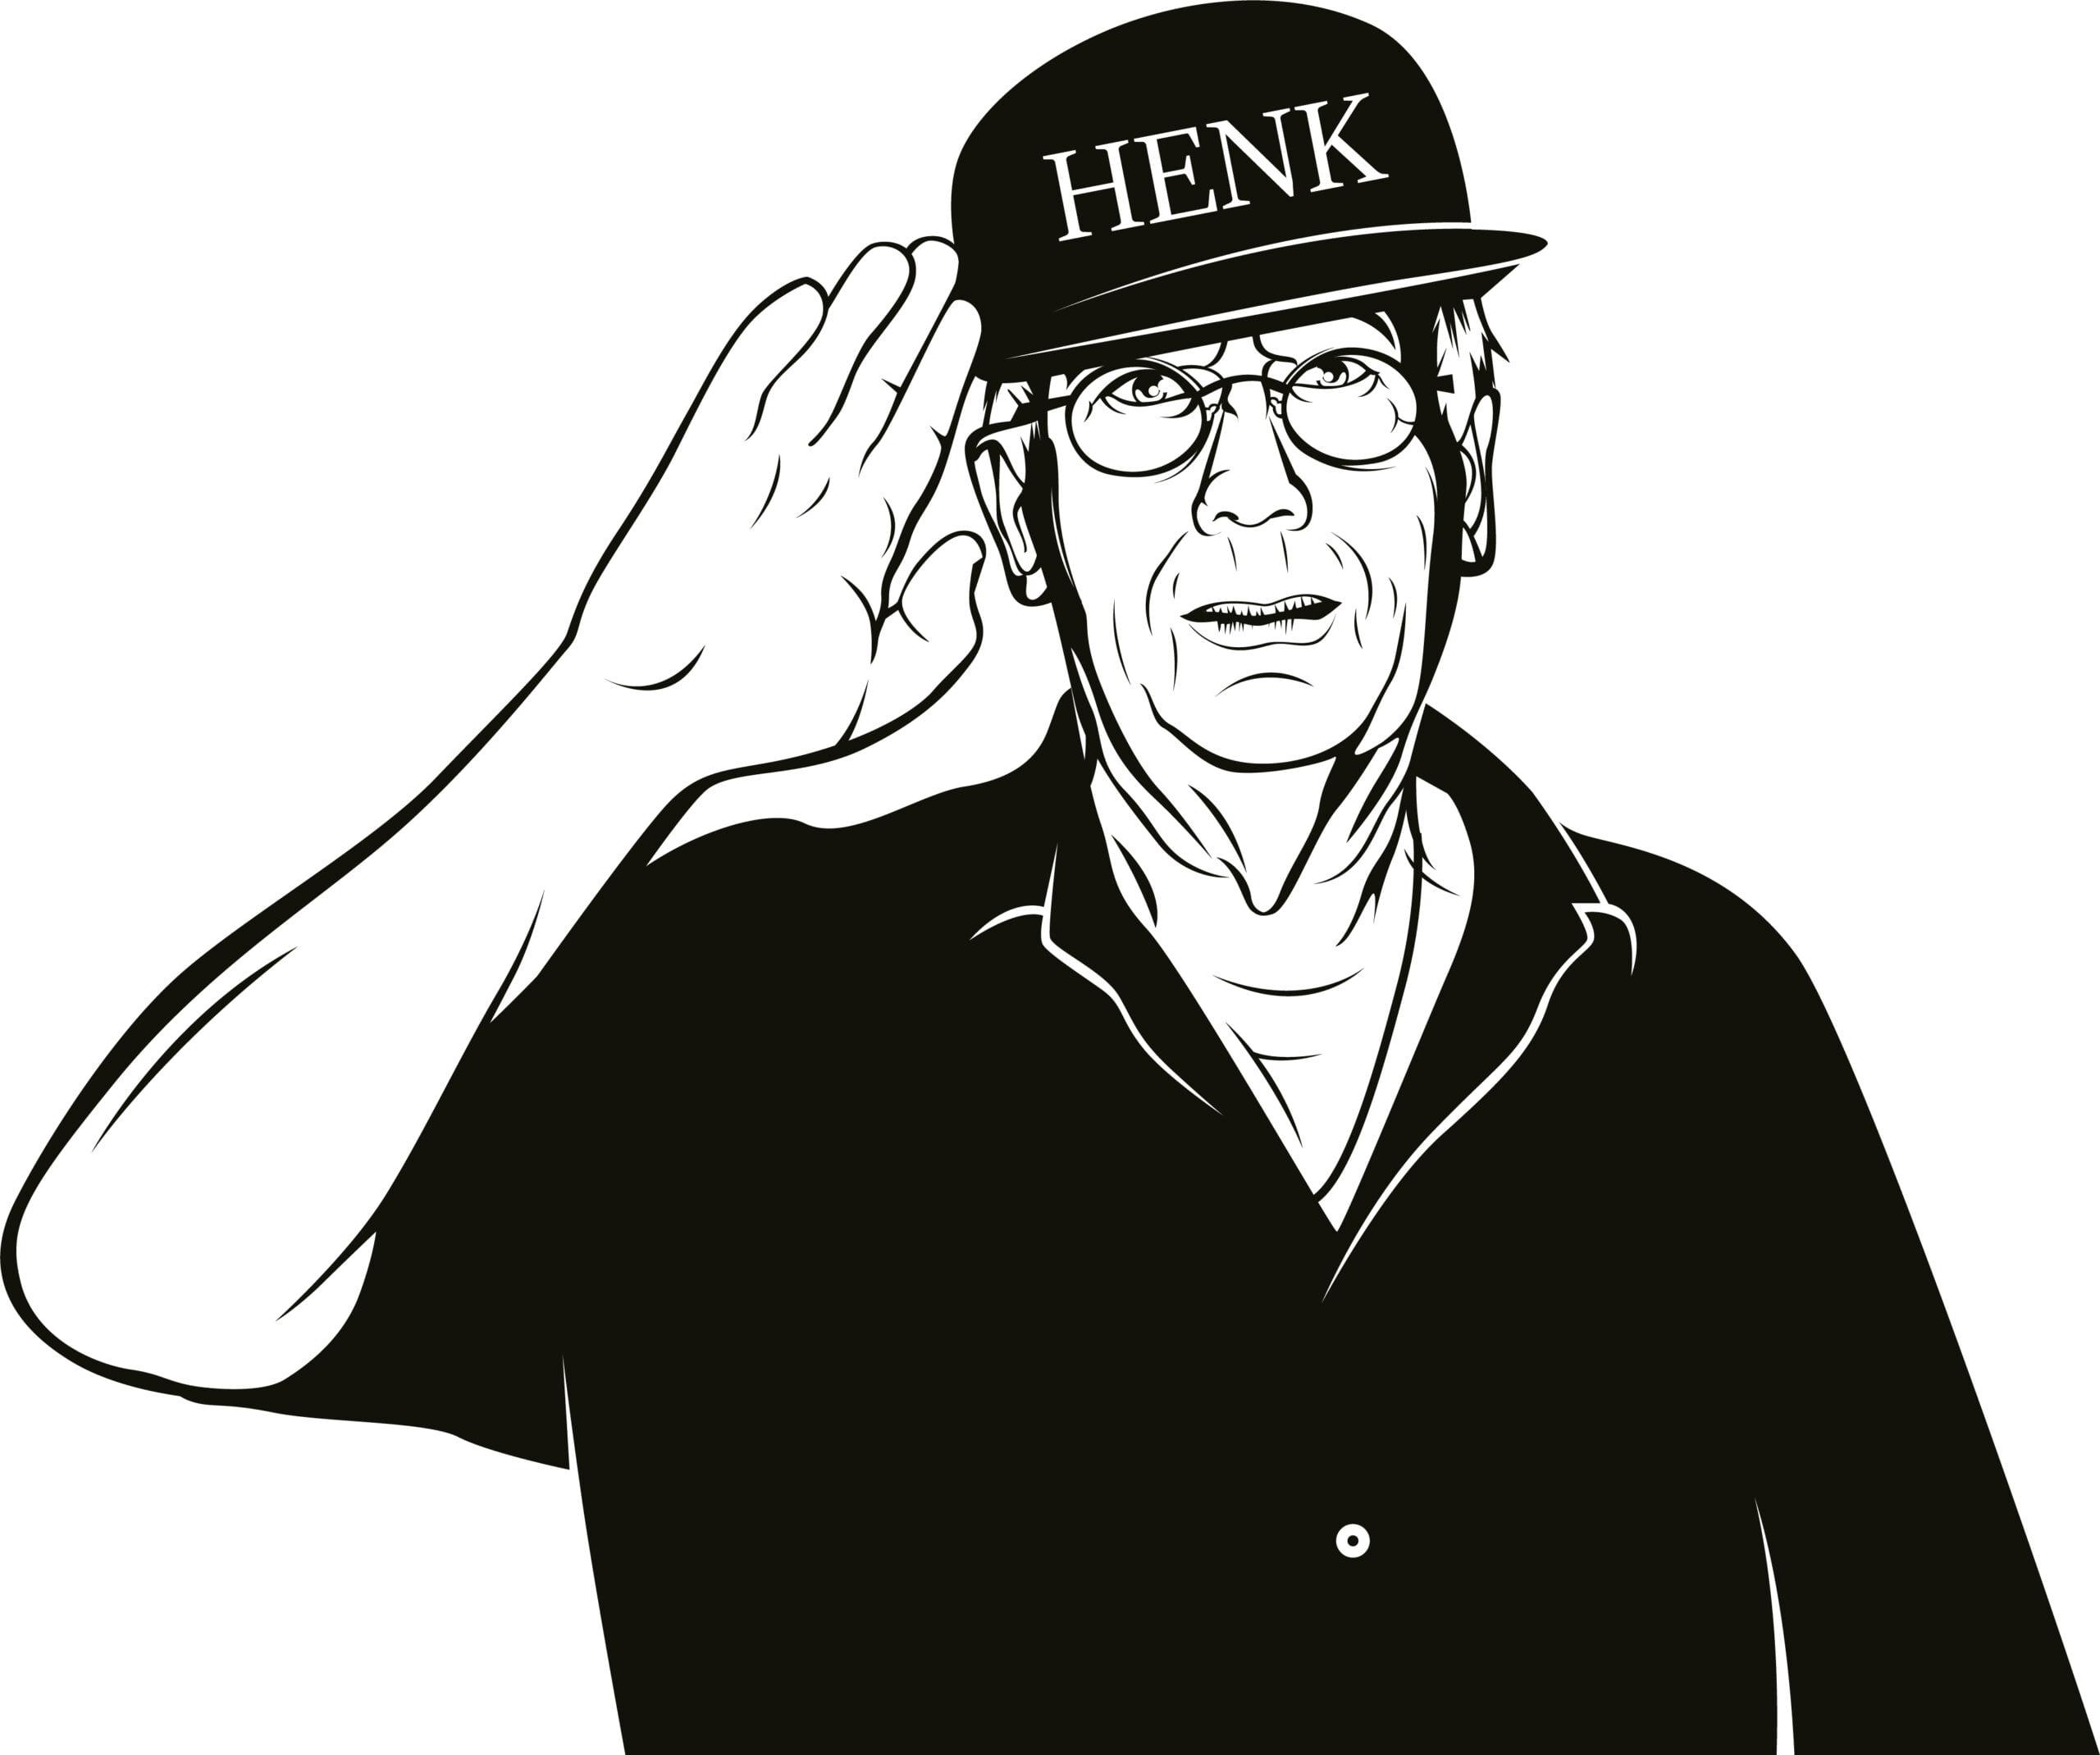 Silhouette Opa Henk